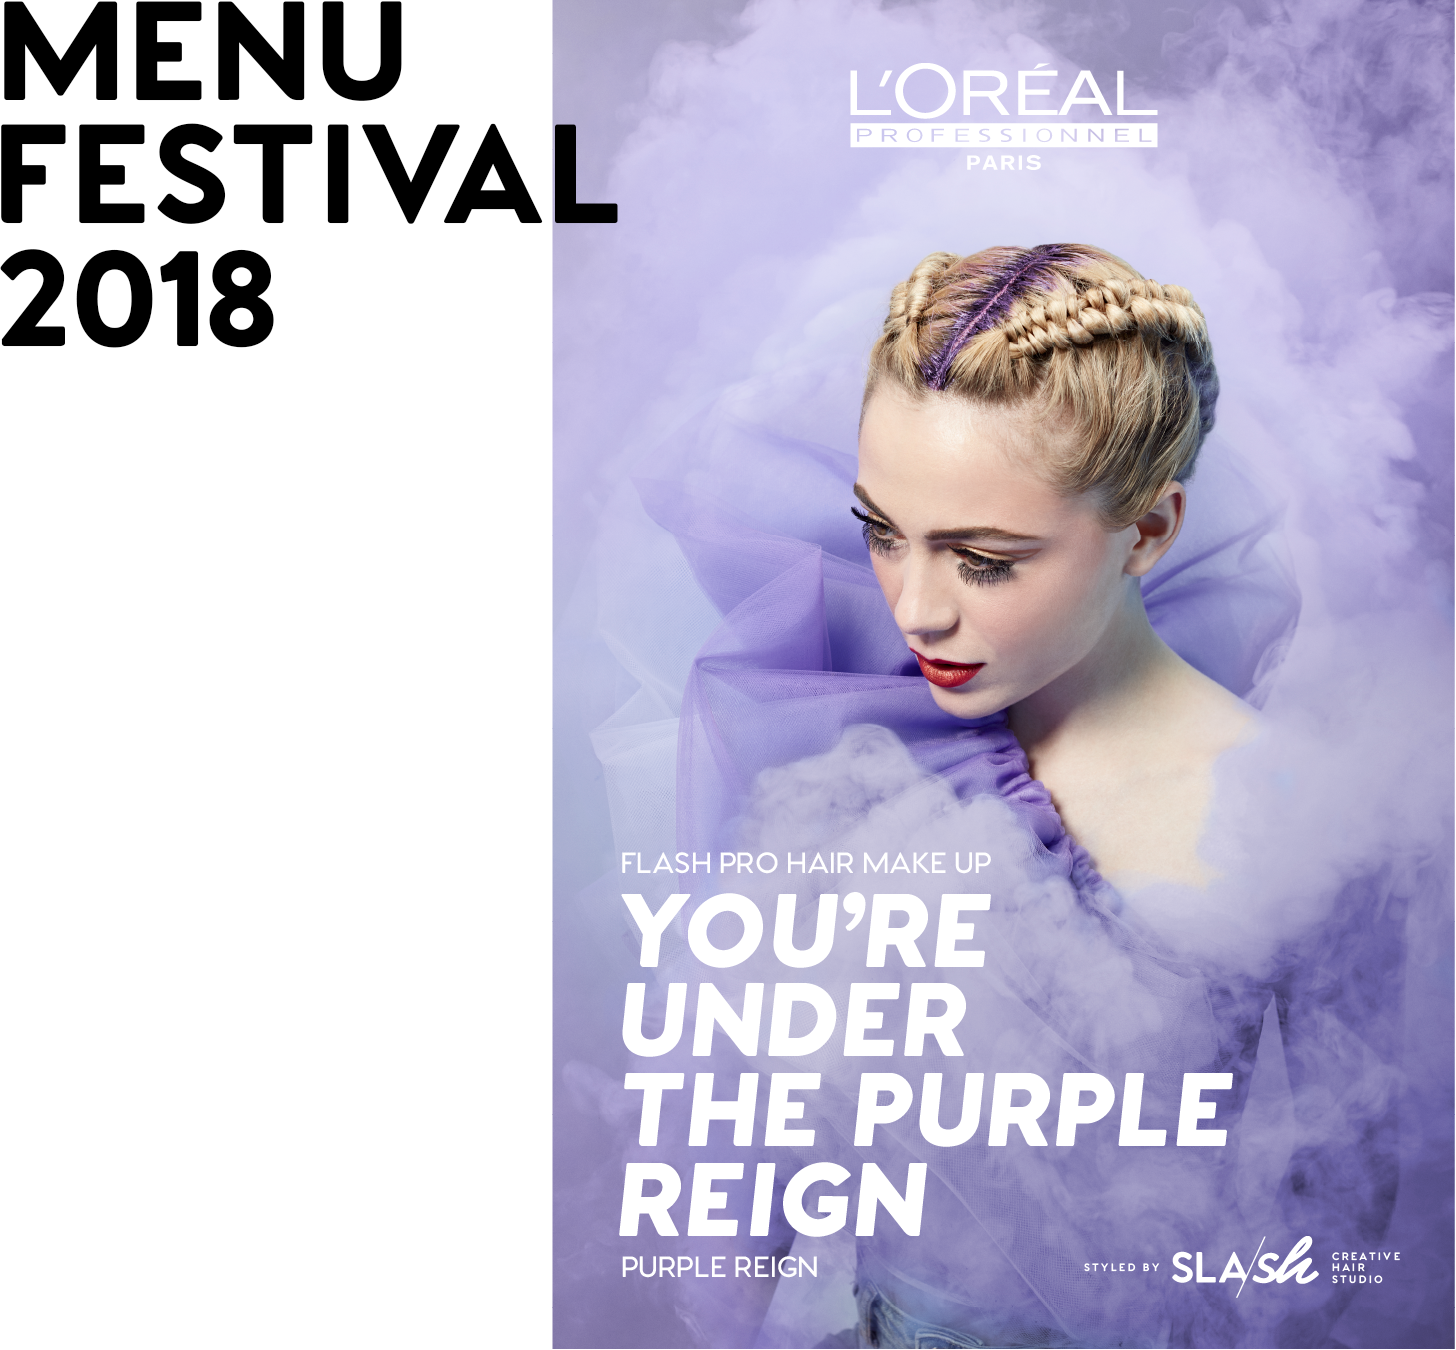 menu-festival-2018_1_youre_under_the_purple_reign